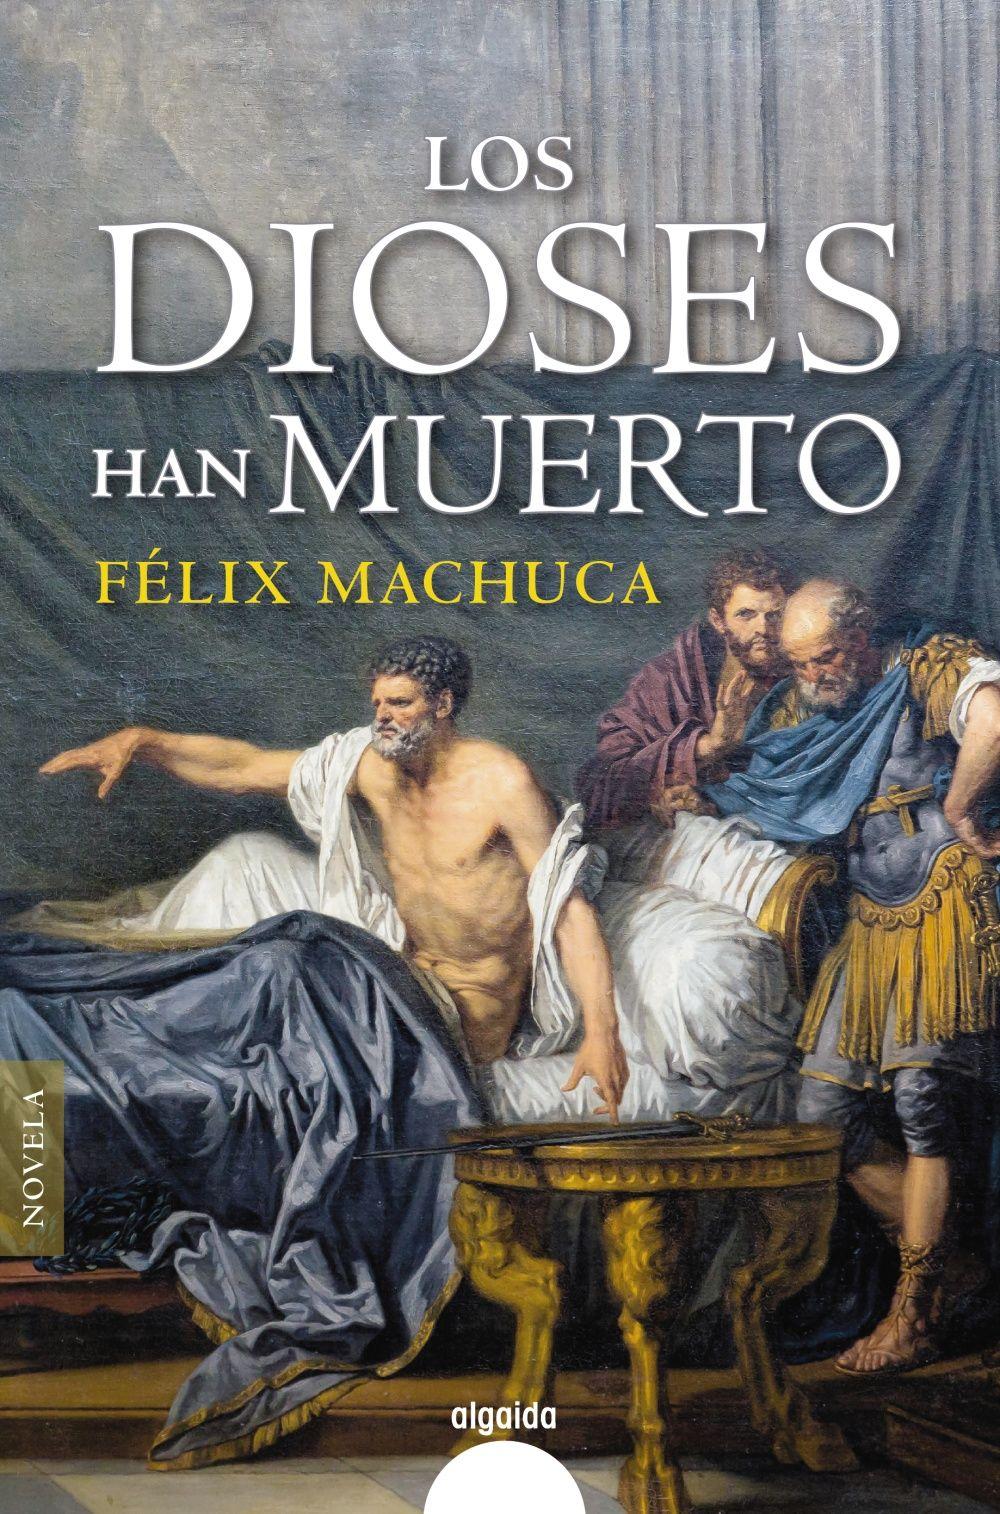 DIOSES HAN MUERTO LOS